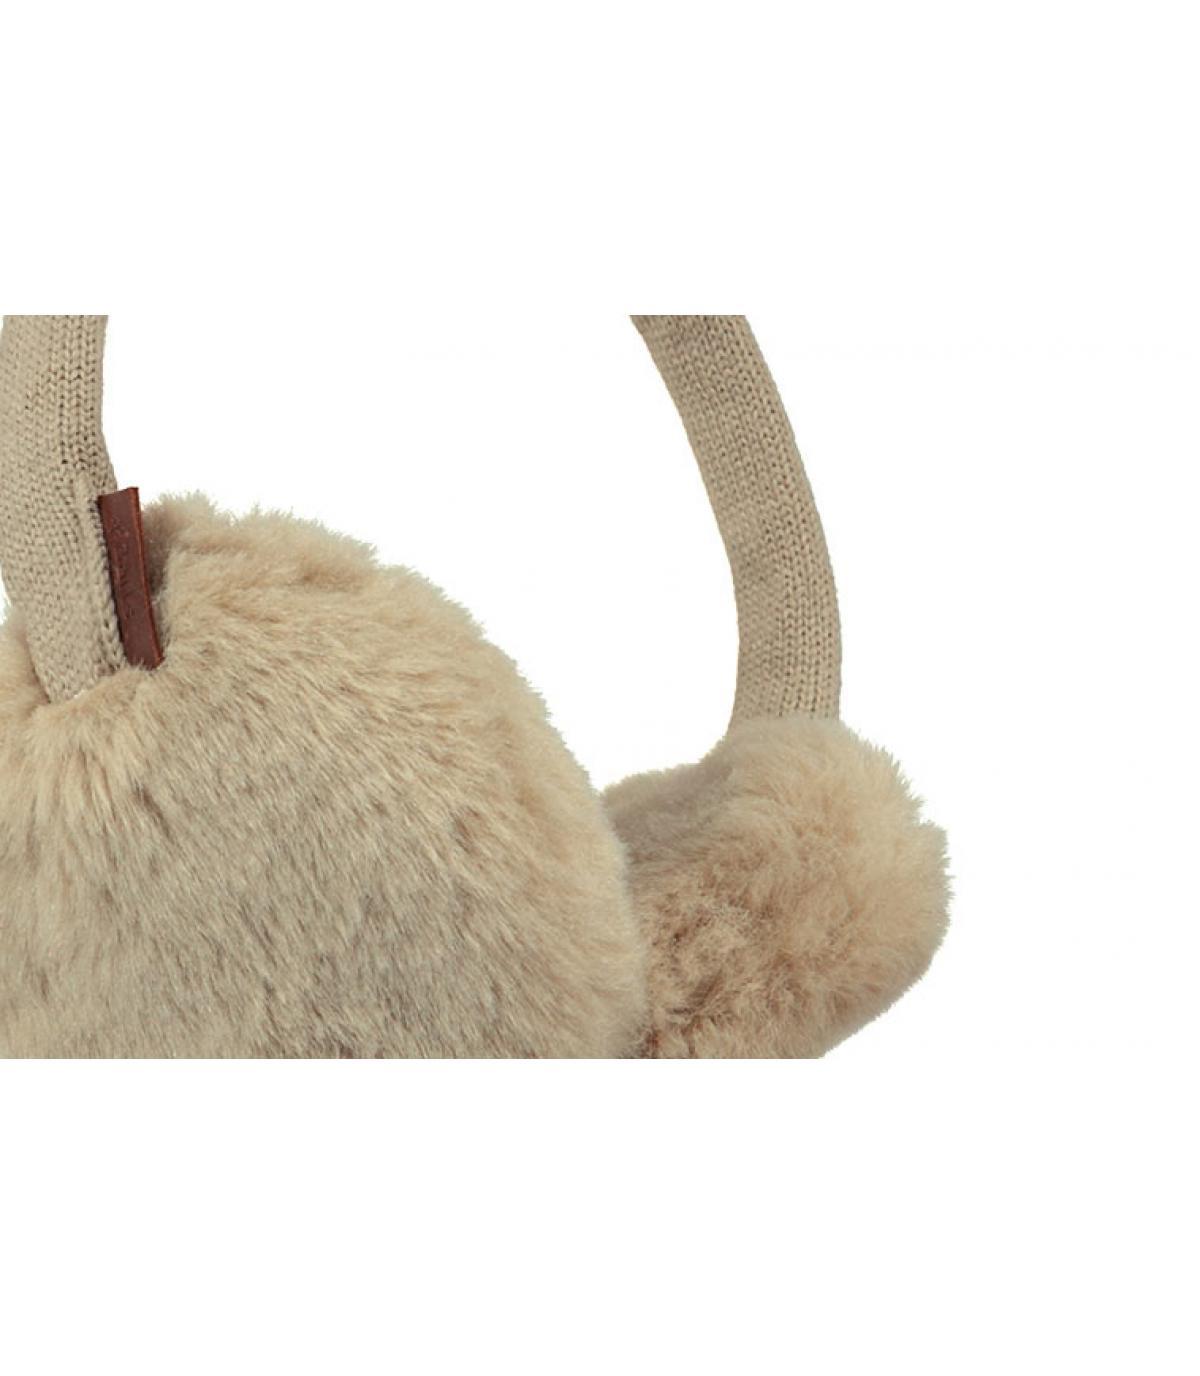 Details Plush Earmuffs taupe - Abbildung 3